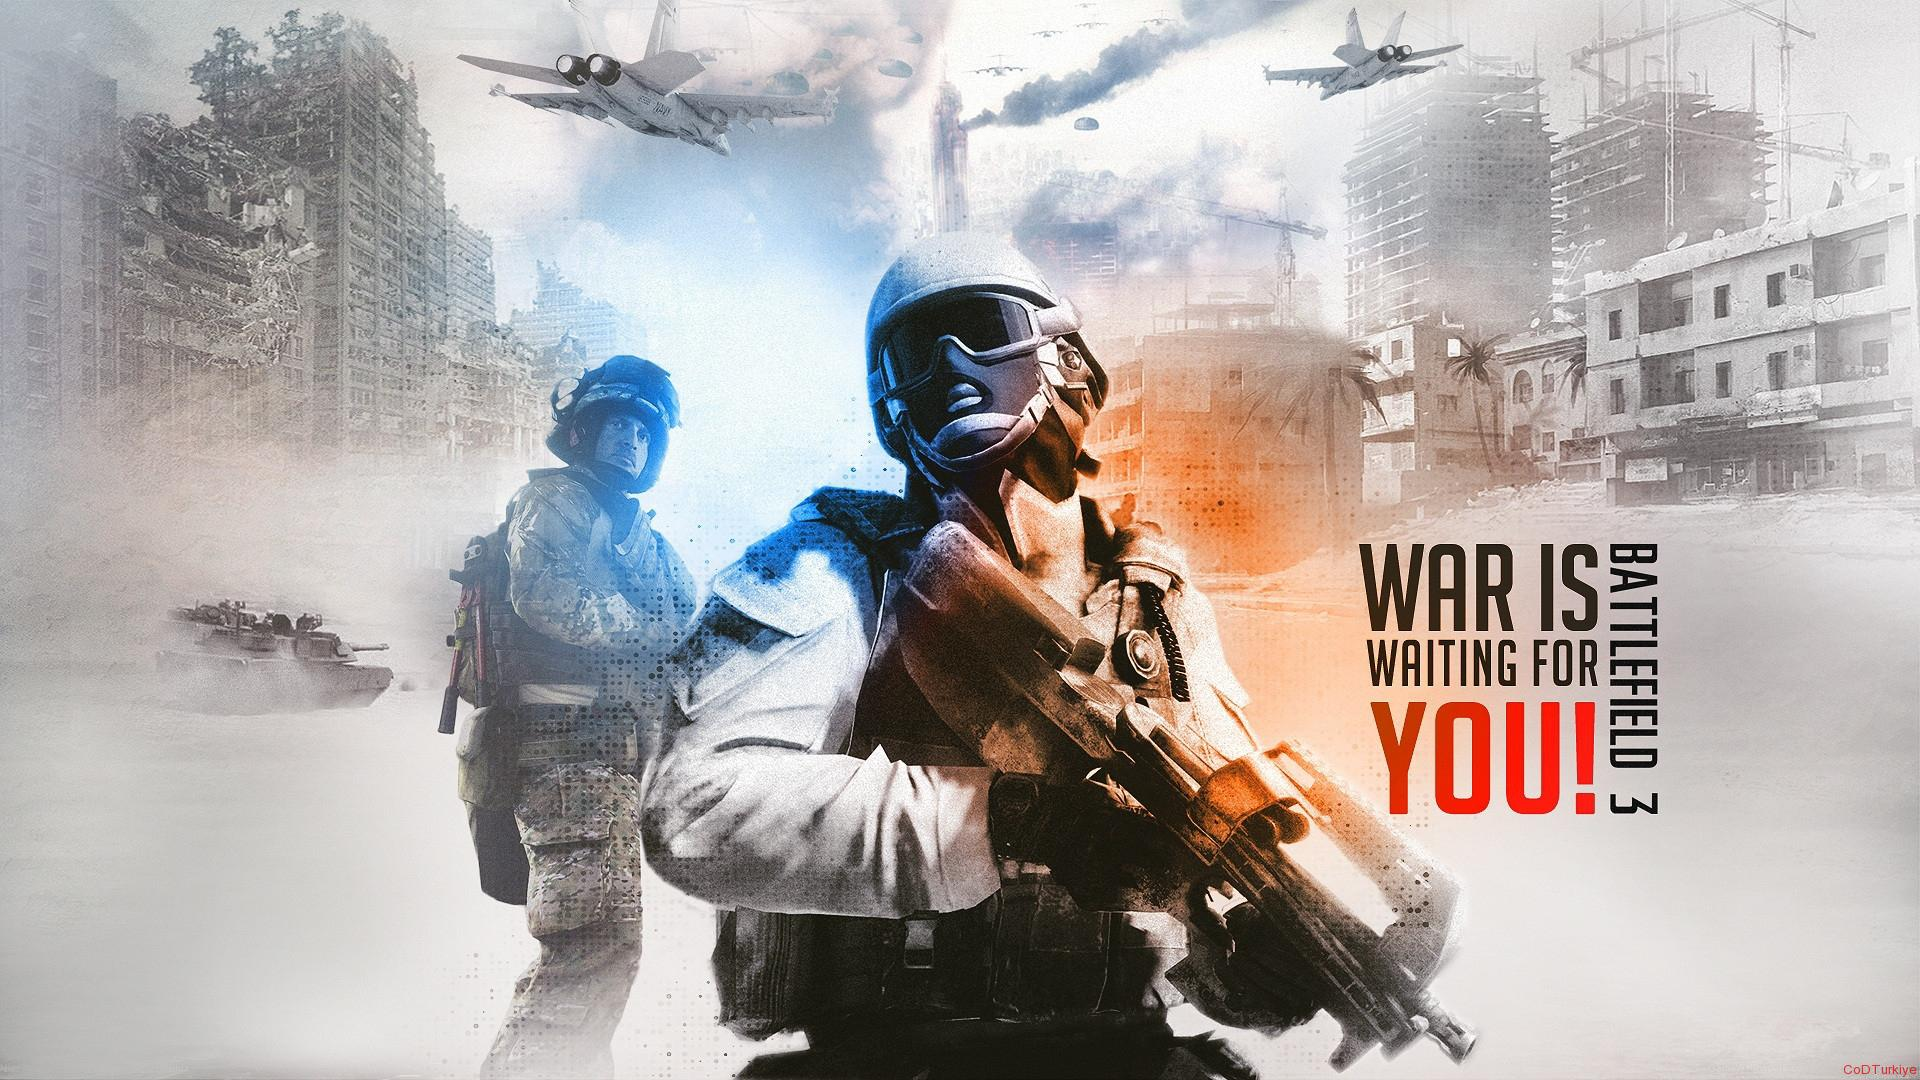 Battlefield 3 HD Wallpapers, Duvar Kağıtları, Screenshots